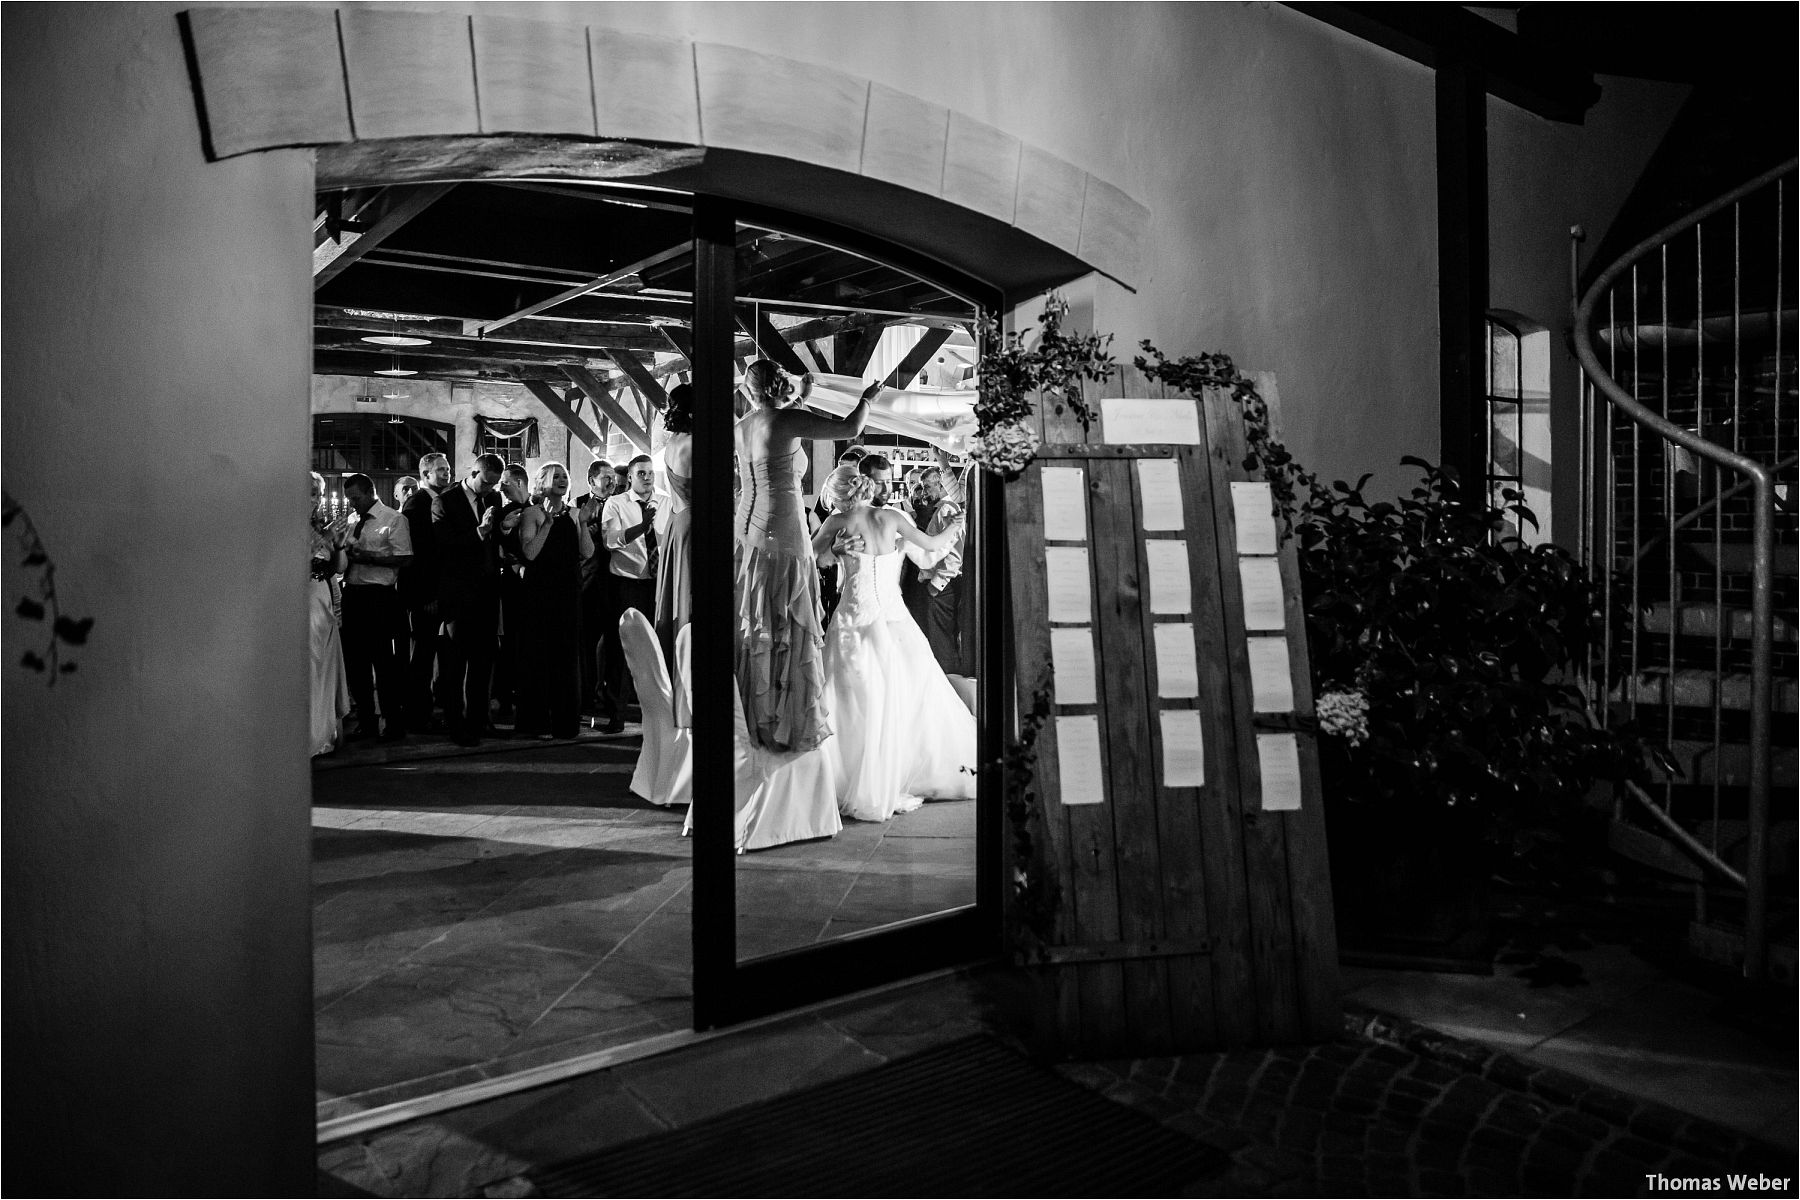 Hochzeitsfotograf Thomas Weber aus Oldenburg: Hochzeitsreportage und Hochzeitsfotos der standesamtlichen Trauung im Schloss Oldenburg, kirchlichen Trauung in der Lambertikirche Oldenburg und Hochzeitsfeier auf dem Gut Horn Gristede